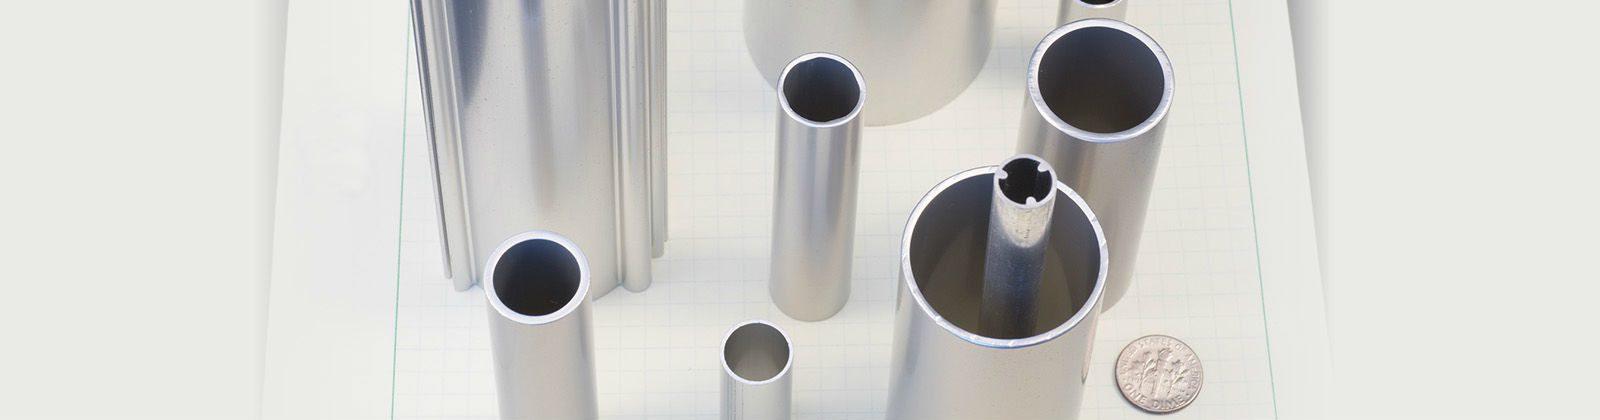 Profile Precision Extrusions - extruded aluminum tubing